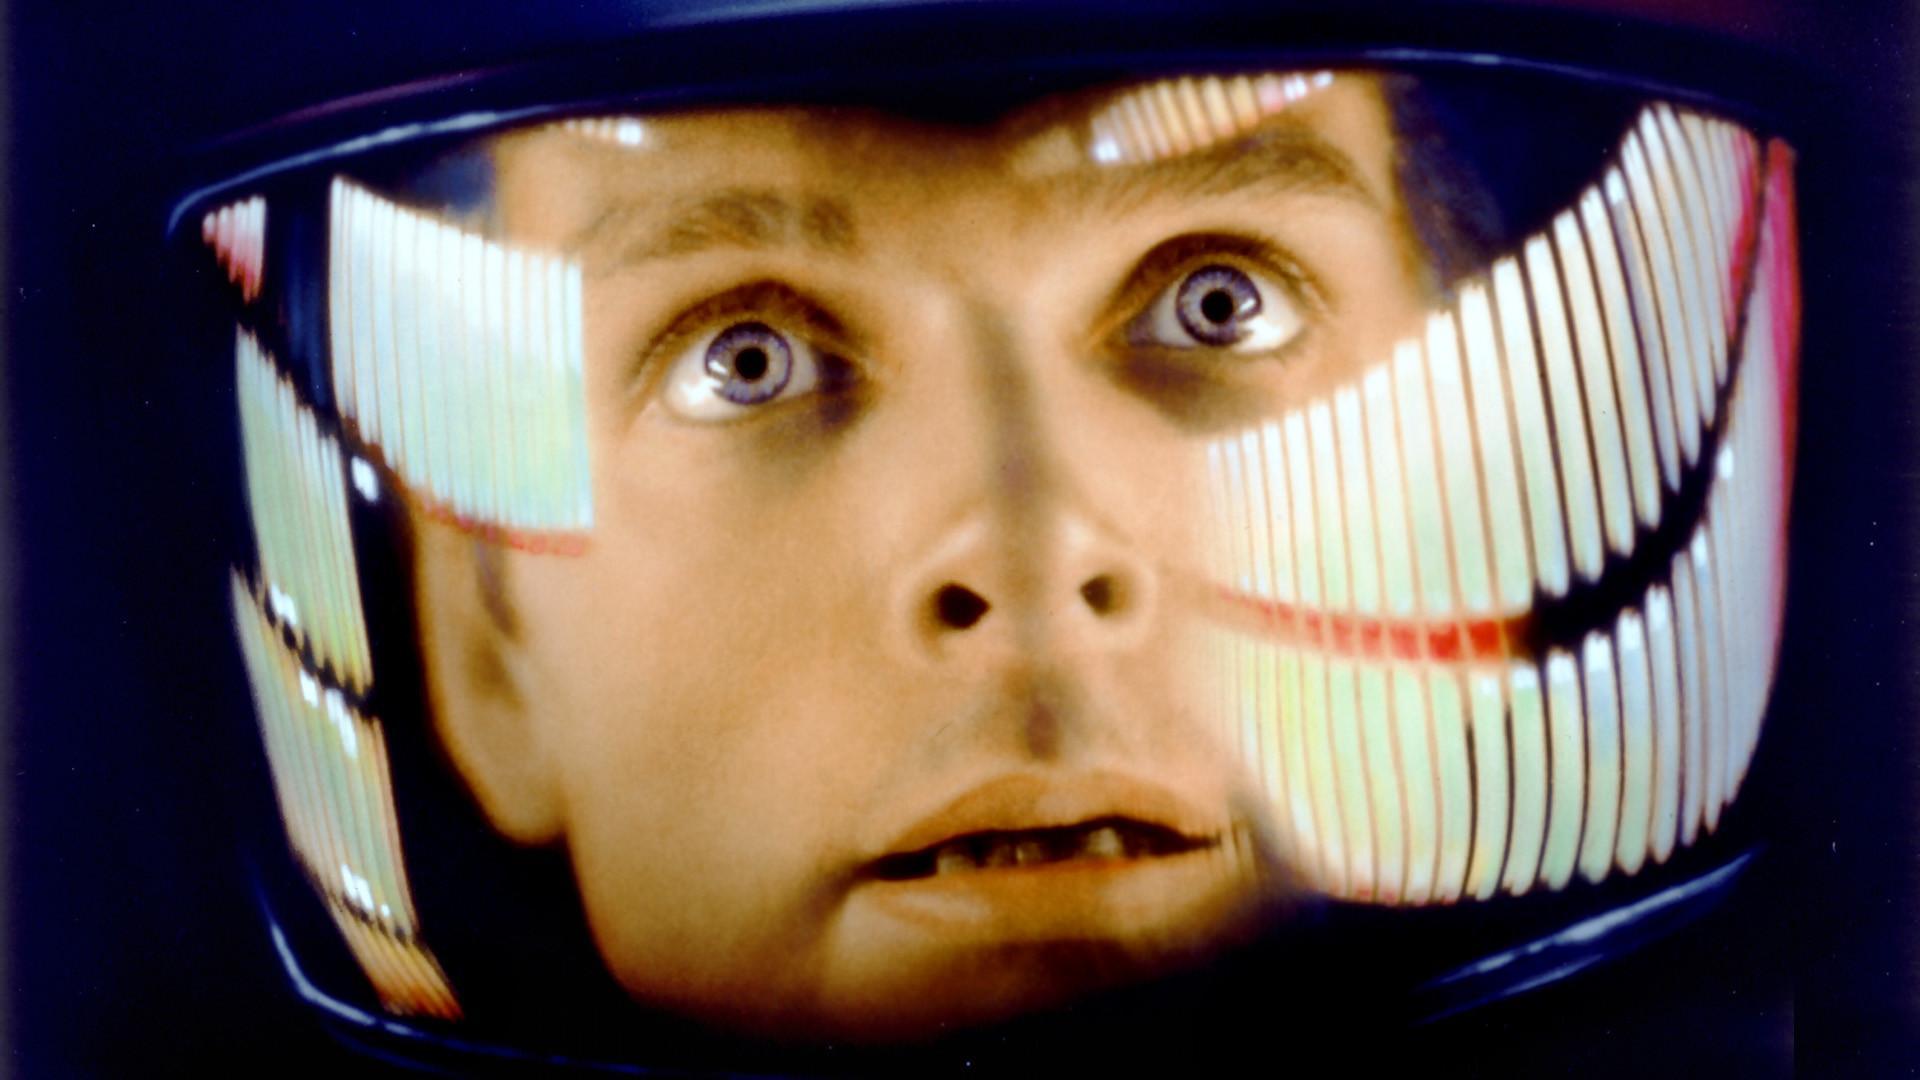 2001-a-space-odyssey.jpg (JPEG-Grafik, 1920×1080 Pixel) - Skaliert (57%)